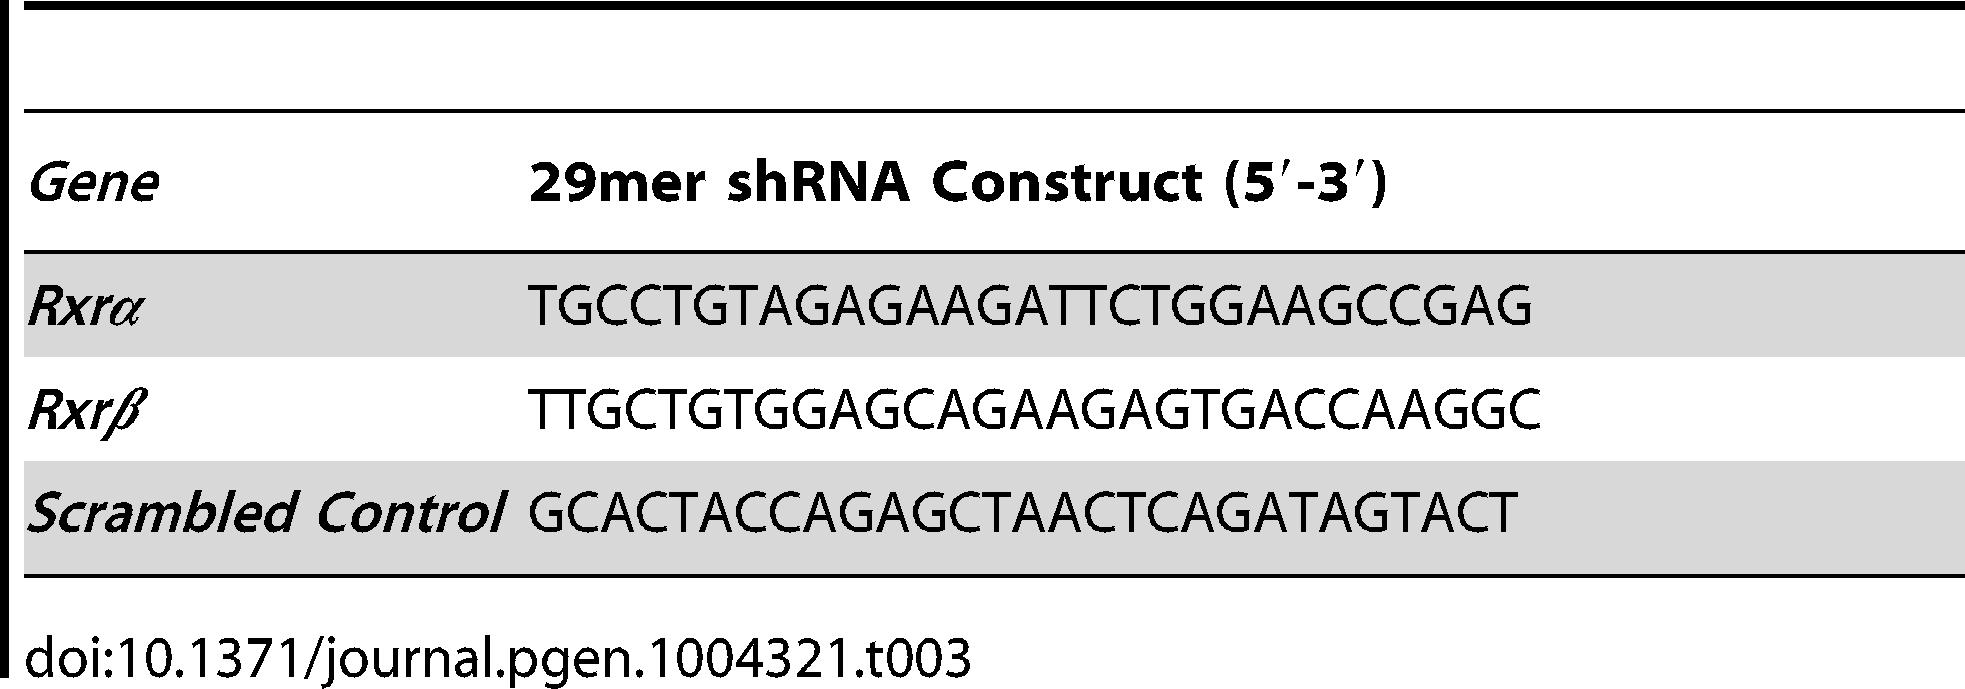 29mer shRNA constructs used for gene knockdown studies.